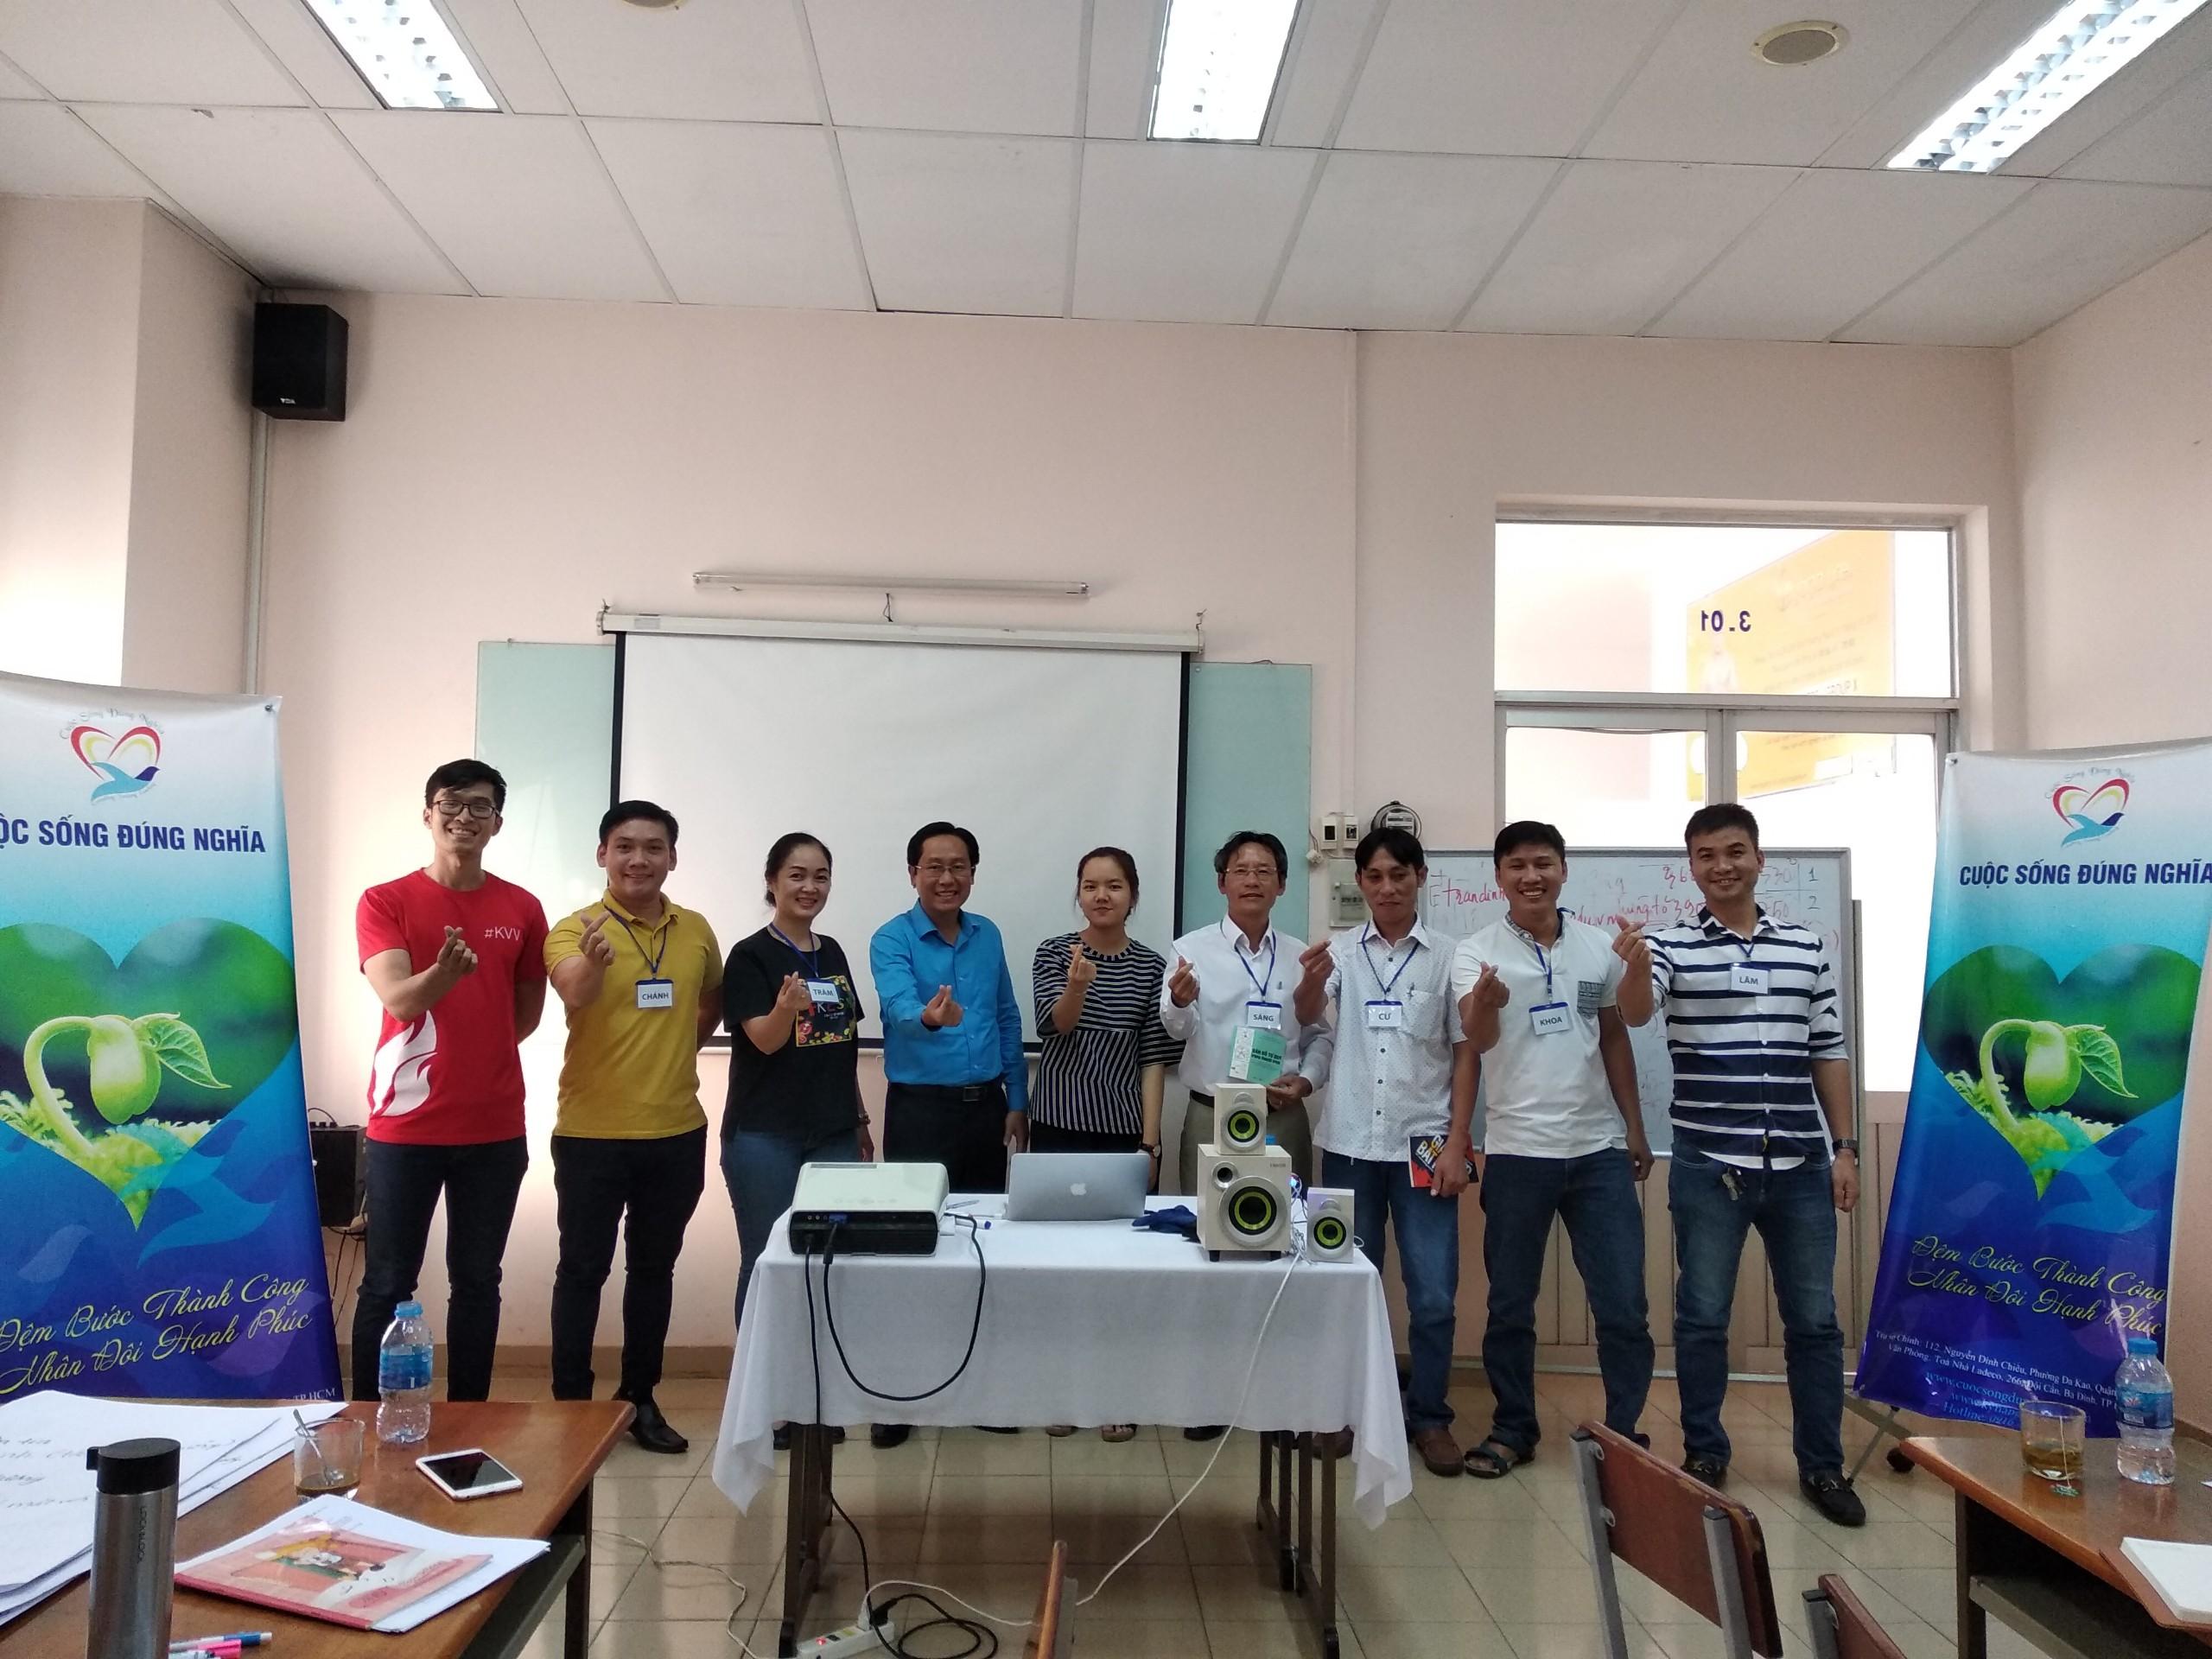 """Đào tạo public: """"Kỹ Năng Giao Tiếp và Thuyết Trình Thuyết Phục"""" tại Hồ Chí Minh tháng 2-2019"""